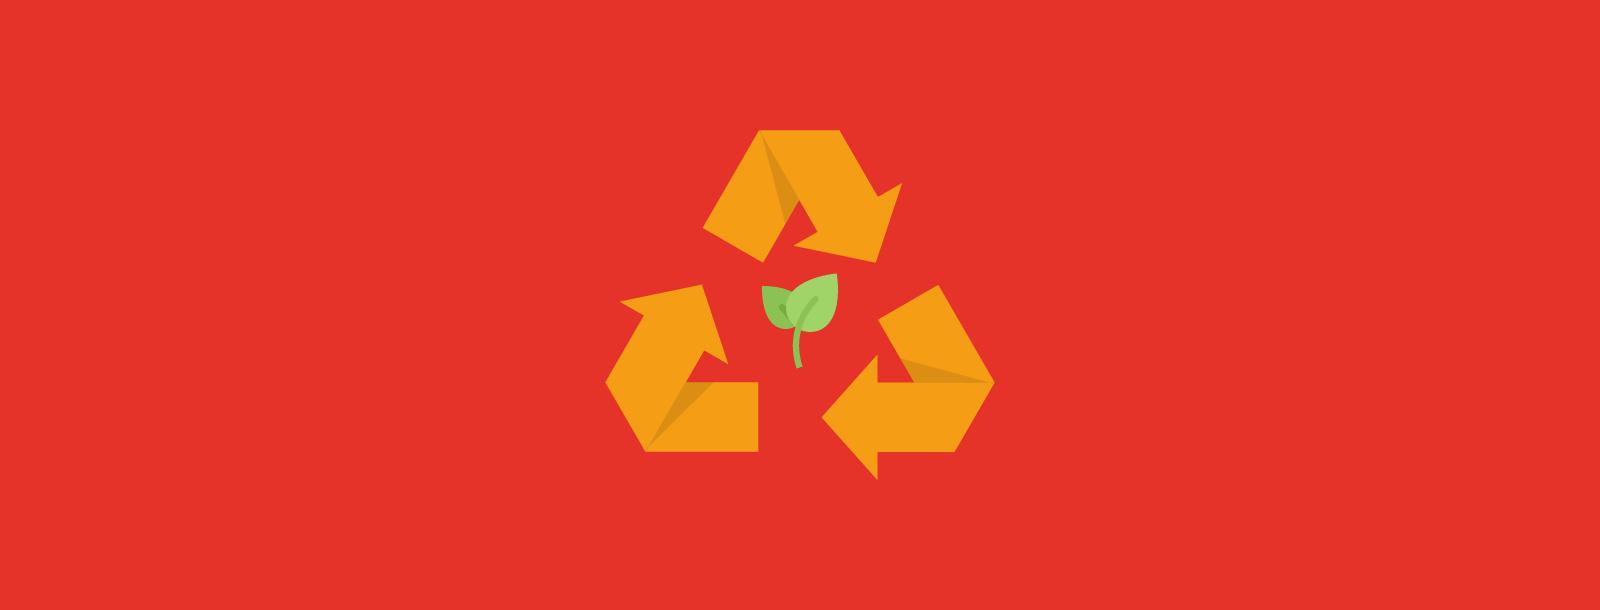 Puropellet una energ a limpia barata y renovable para - Hogares de pellets ...